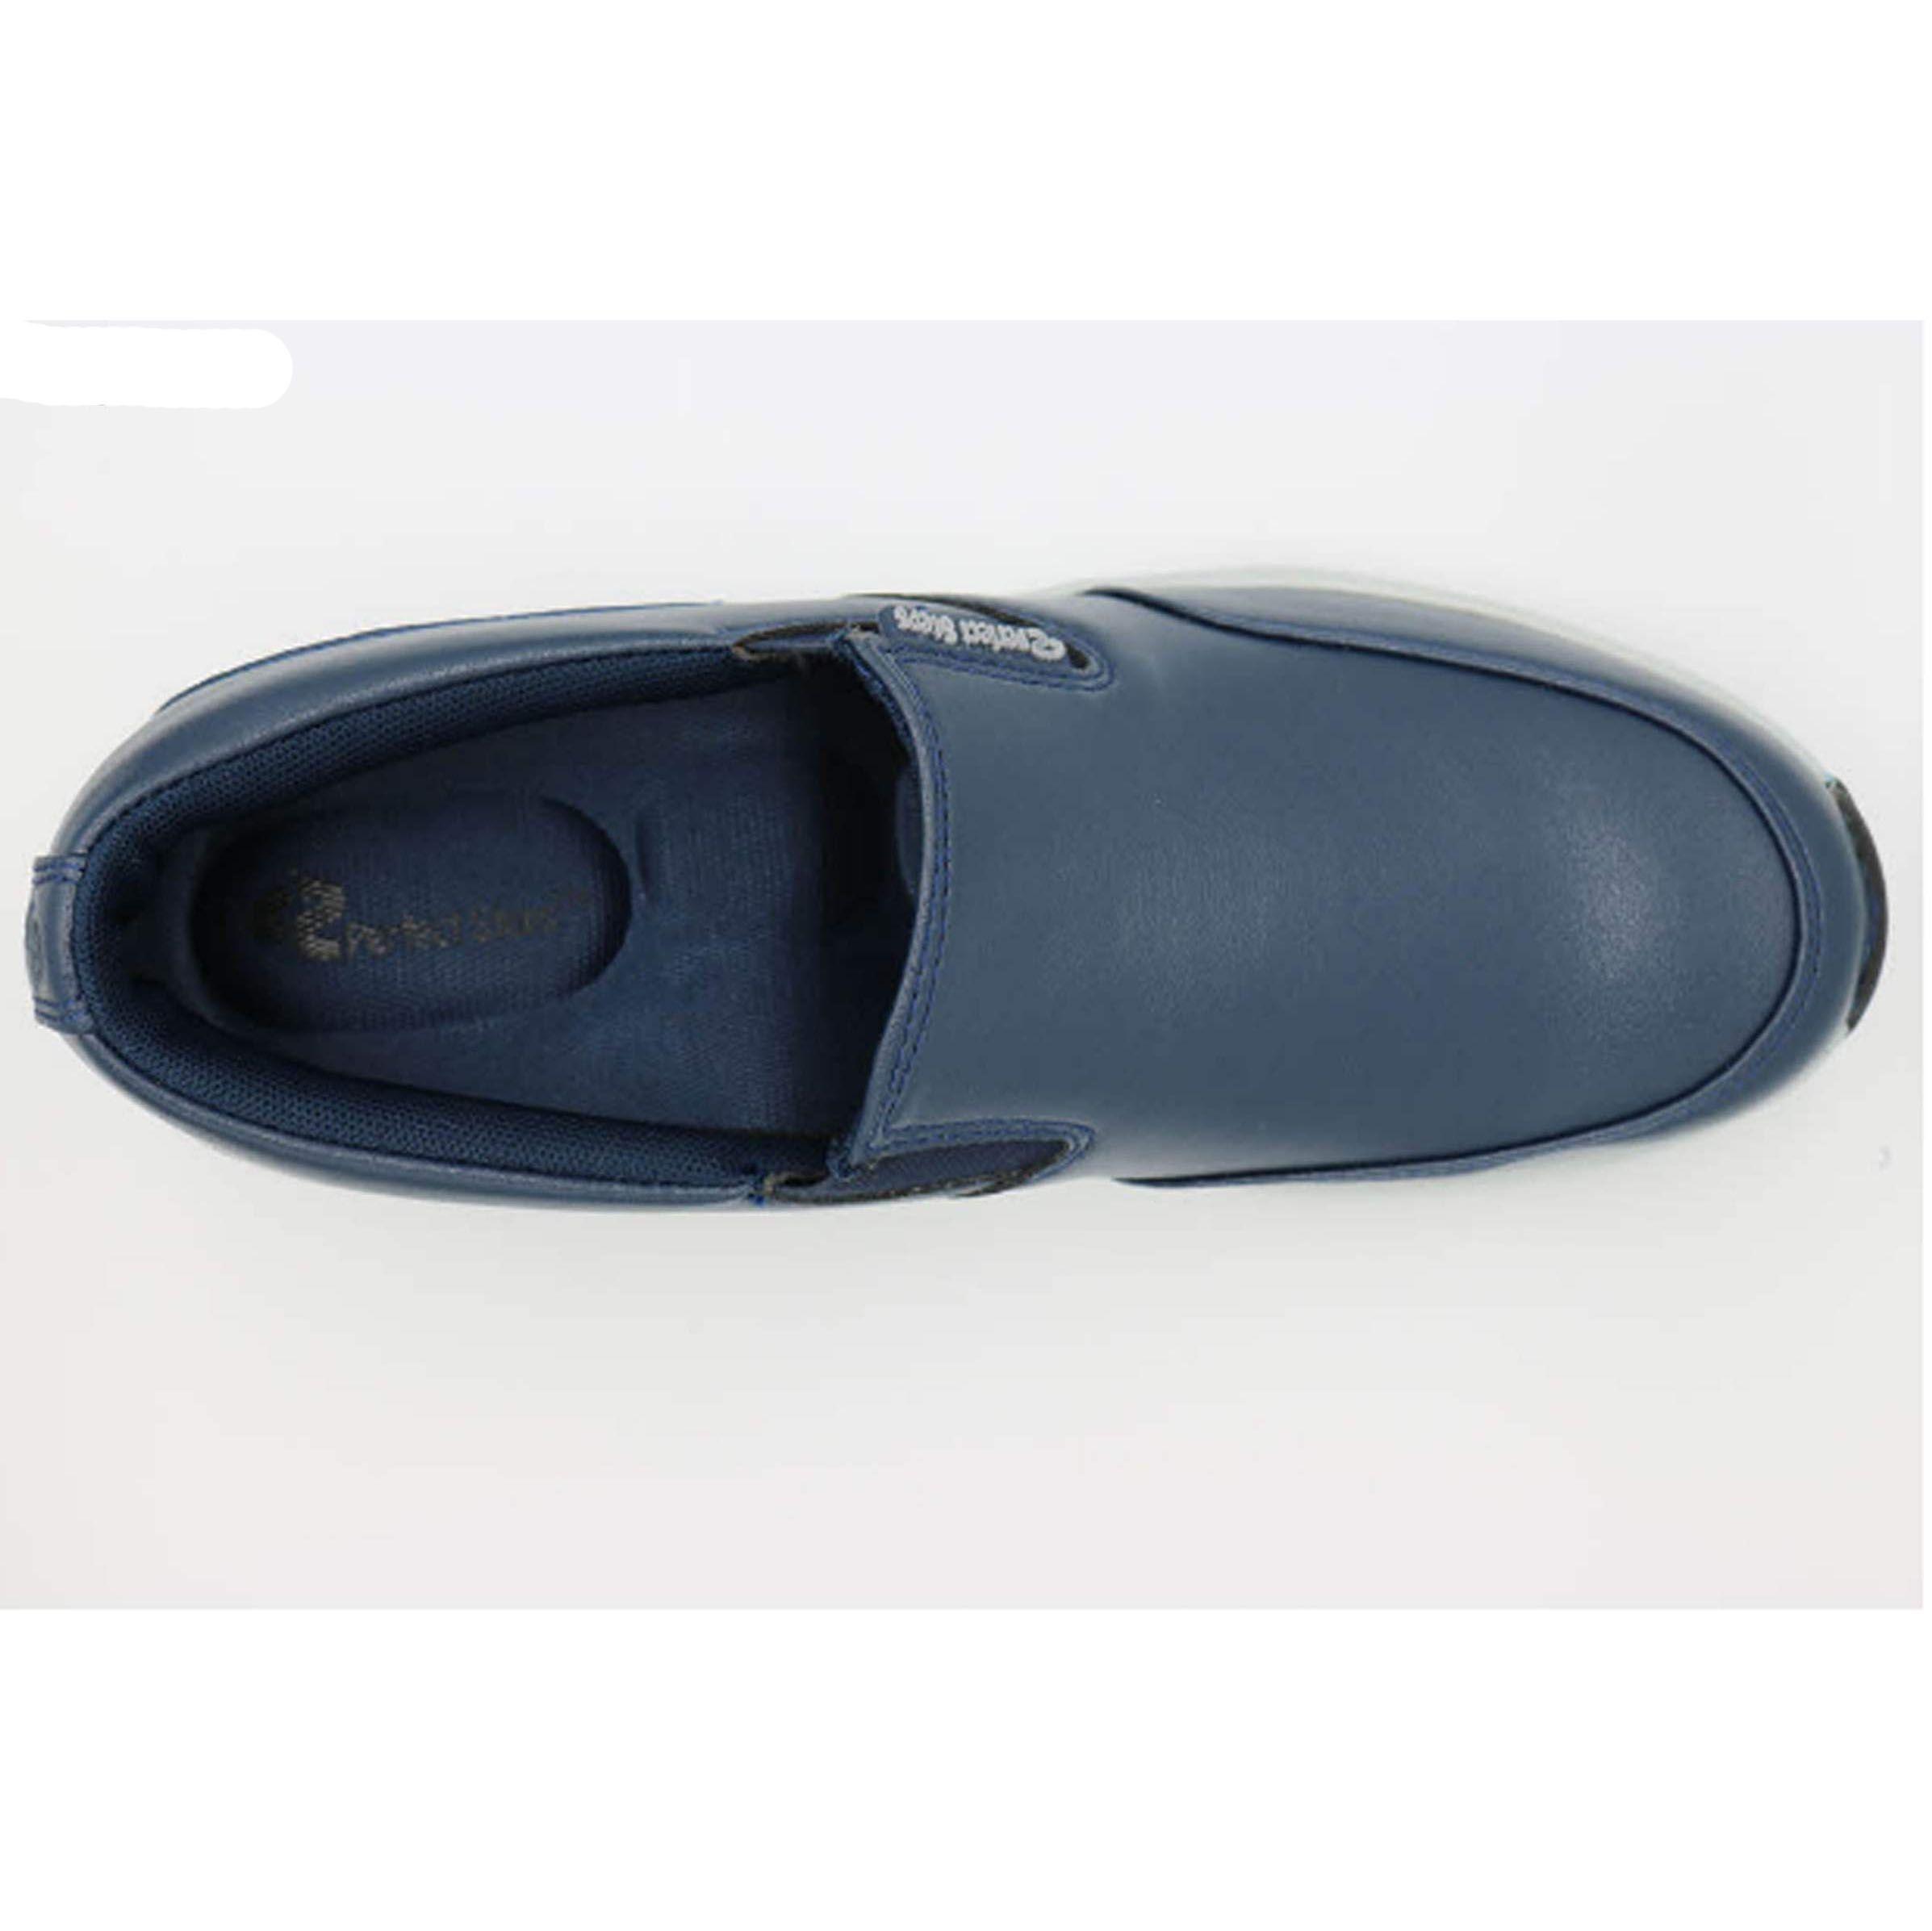 کفش مخصوص پیاده روی نه پرفکت استپس مدل پریمو کژوال رنگ سرمه ای